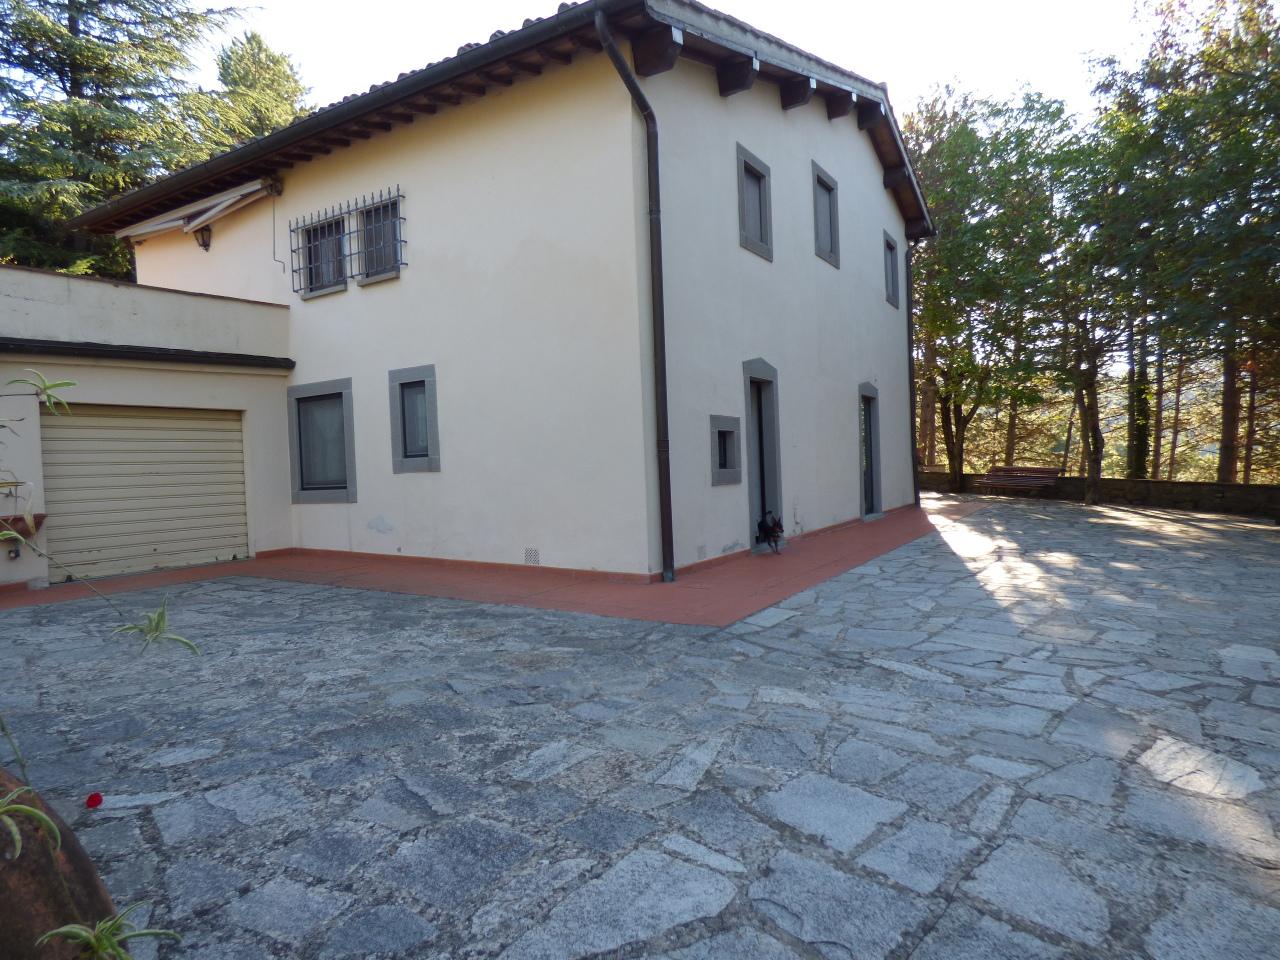 Soluzione Indipendente in vendita a Pelago, 4 locali, prezzo € 450.000 | CambioCasa.it